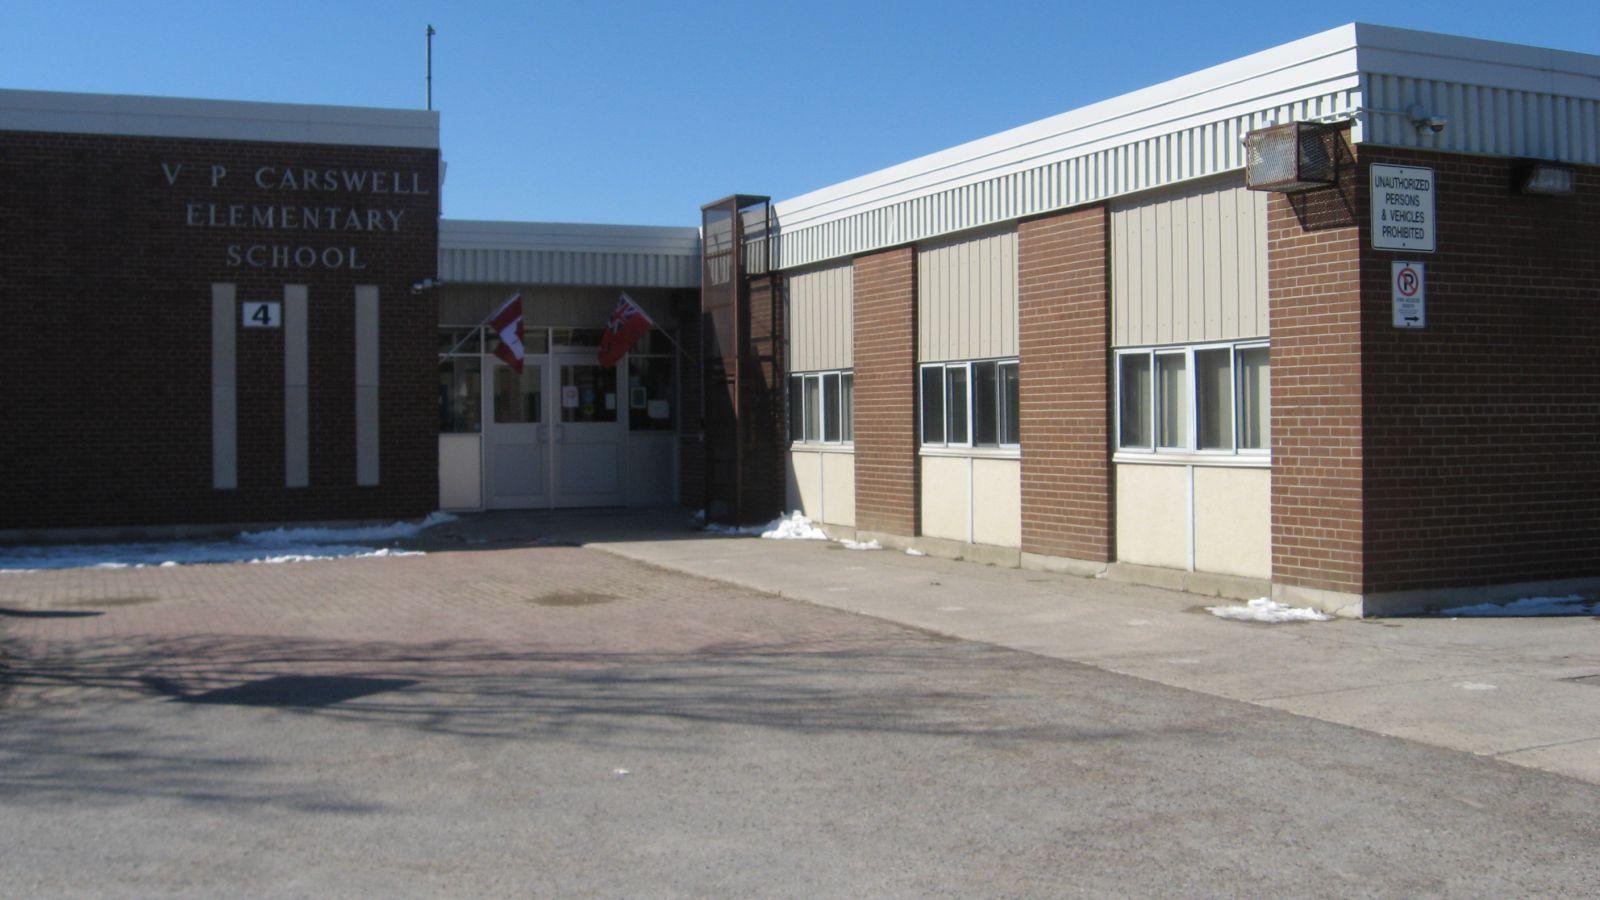 V.P. Carswell Elementary School